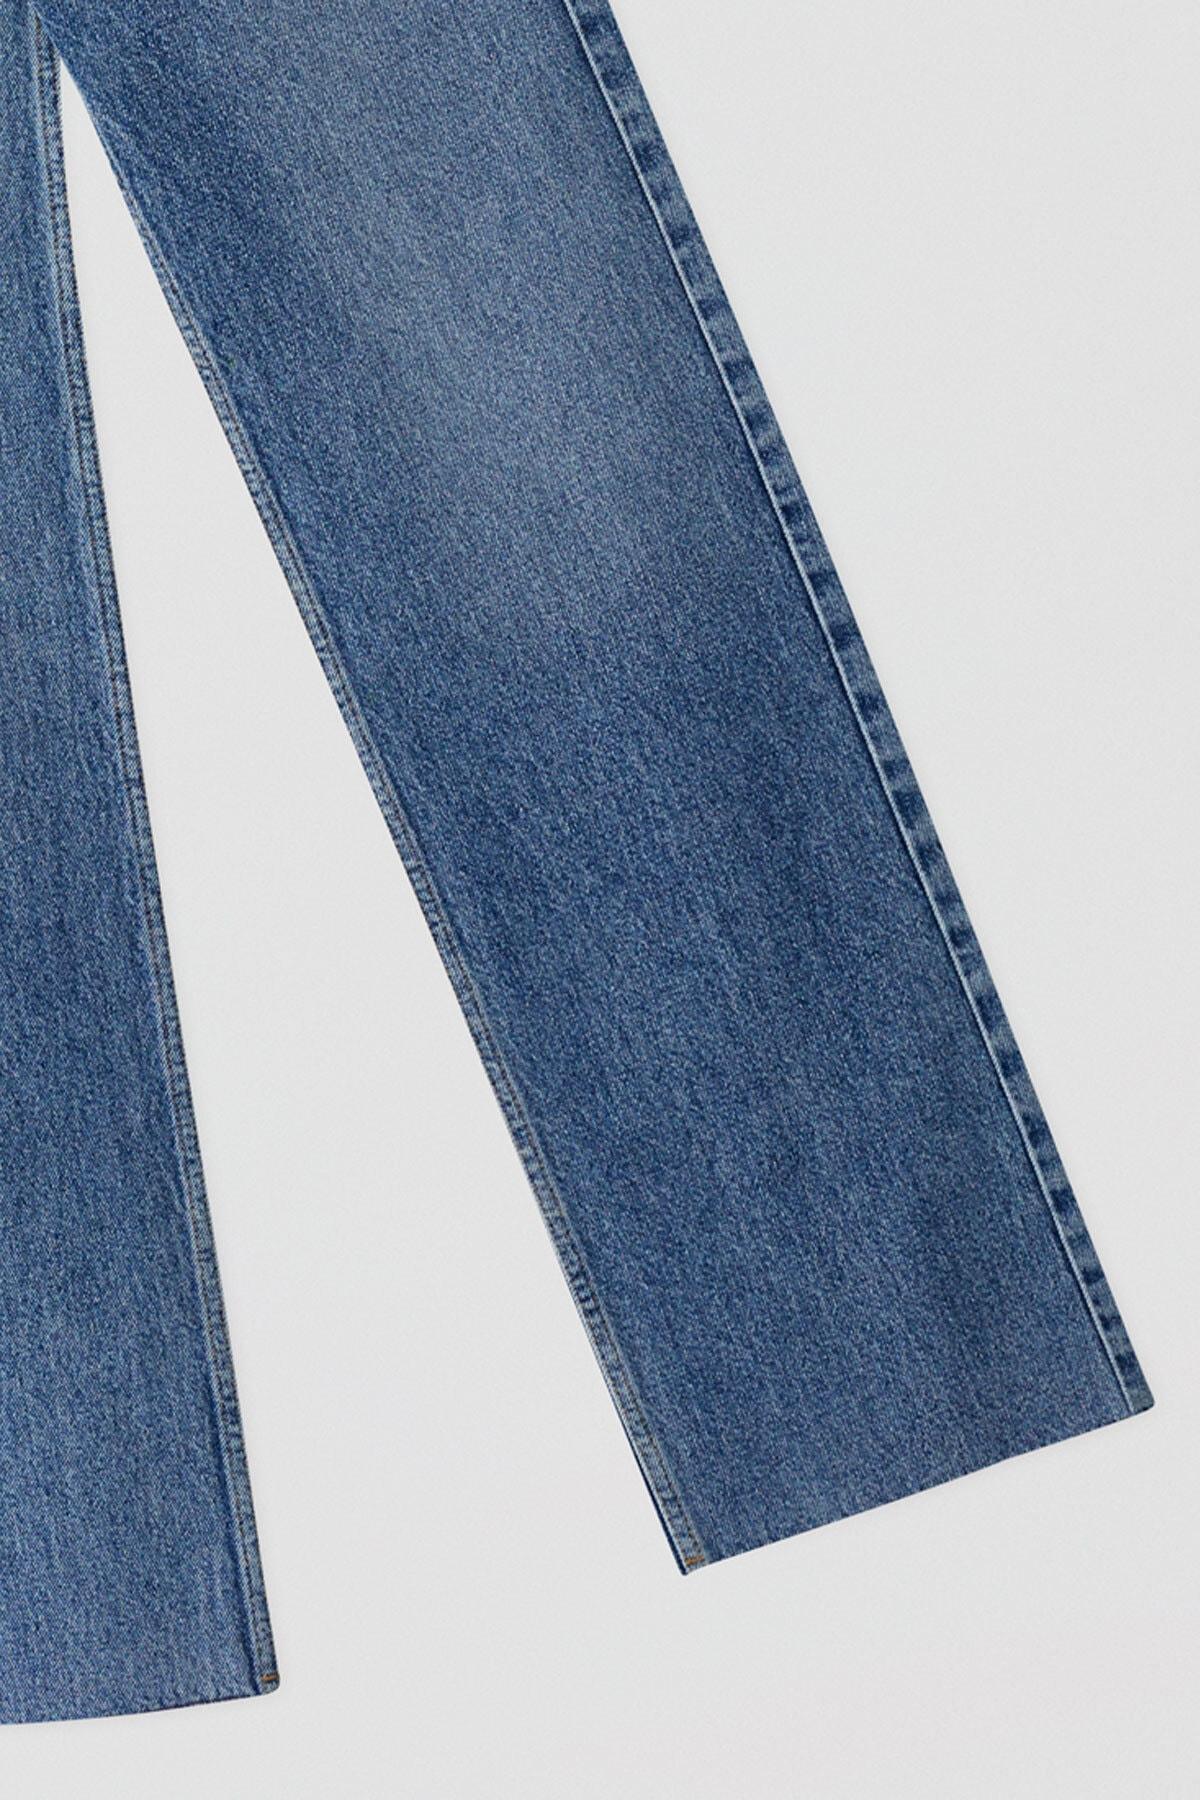 Pull & Bear Kadın Mavi Mavi Yüksek Bel Jean 05684309 2